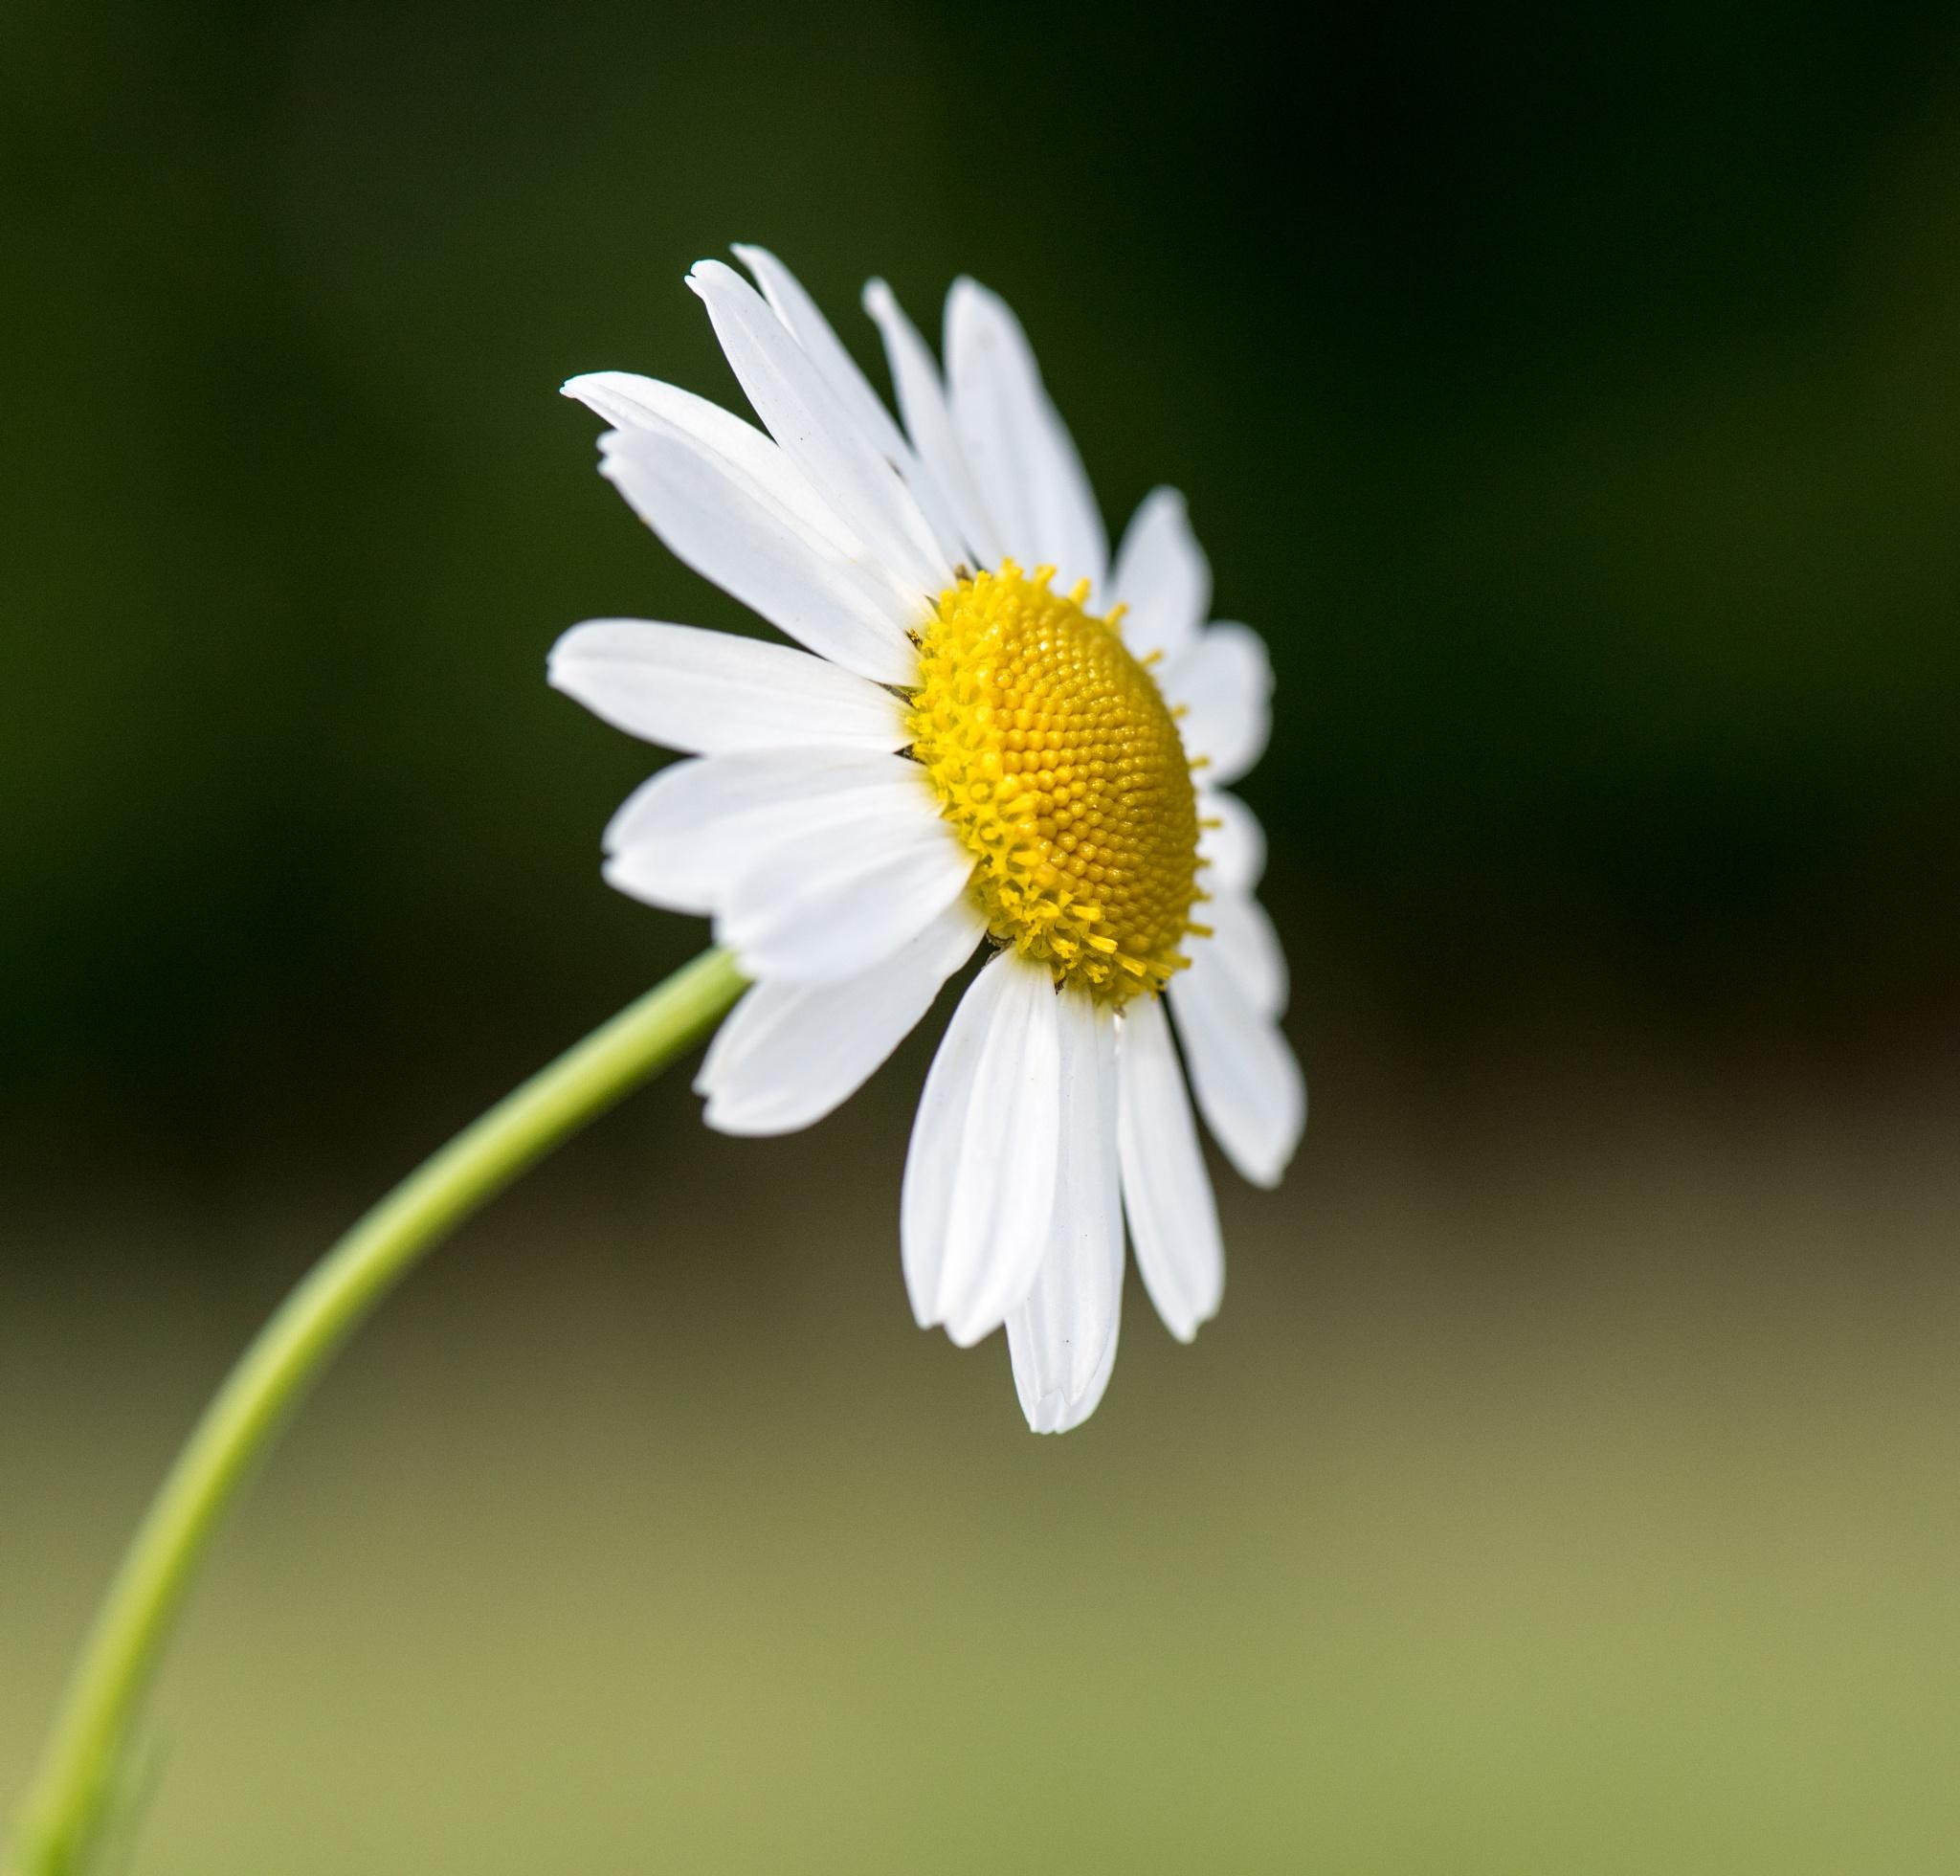 flower by Alex Mandl